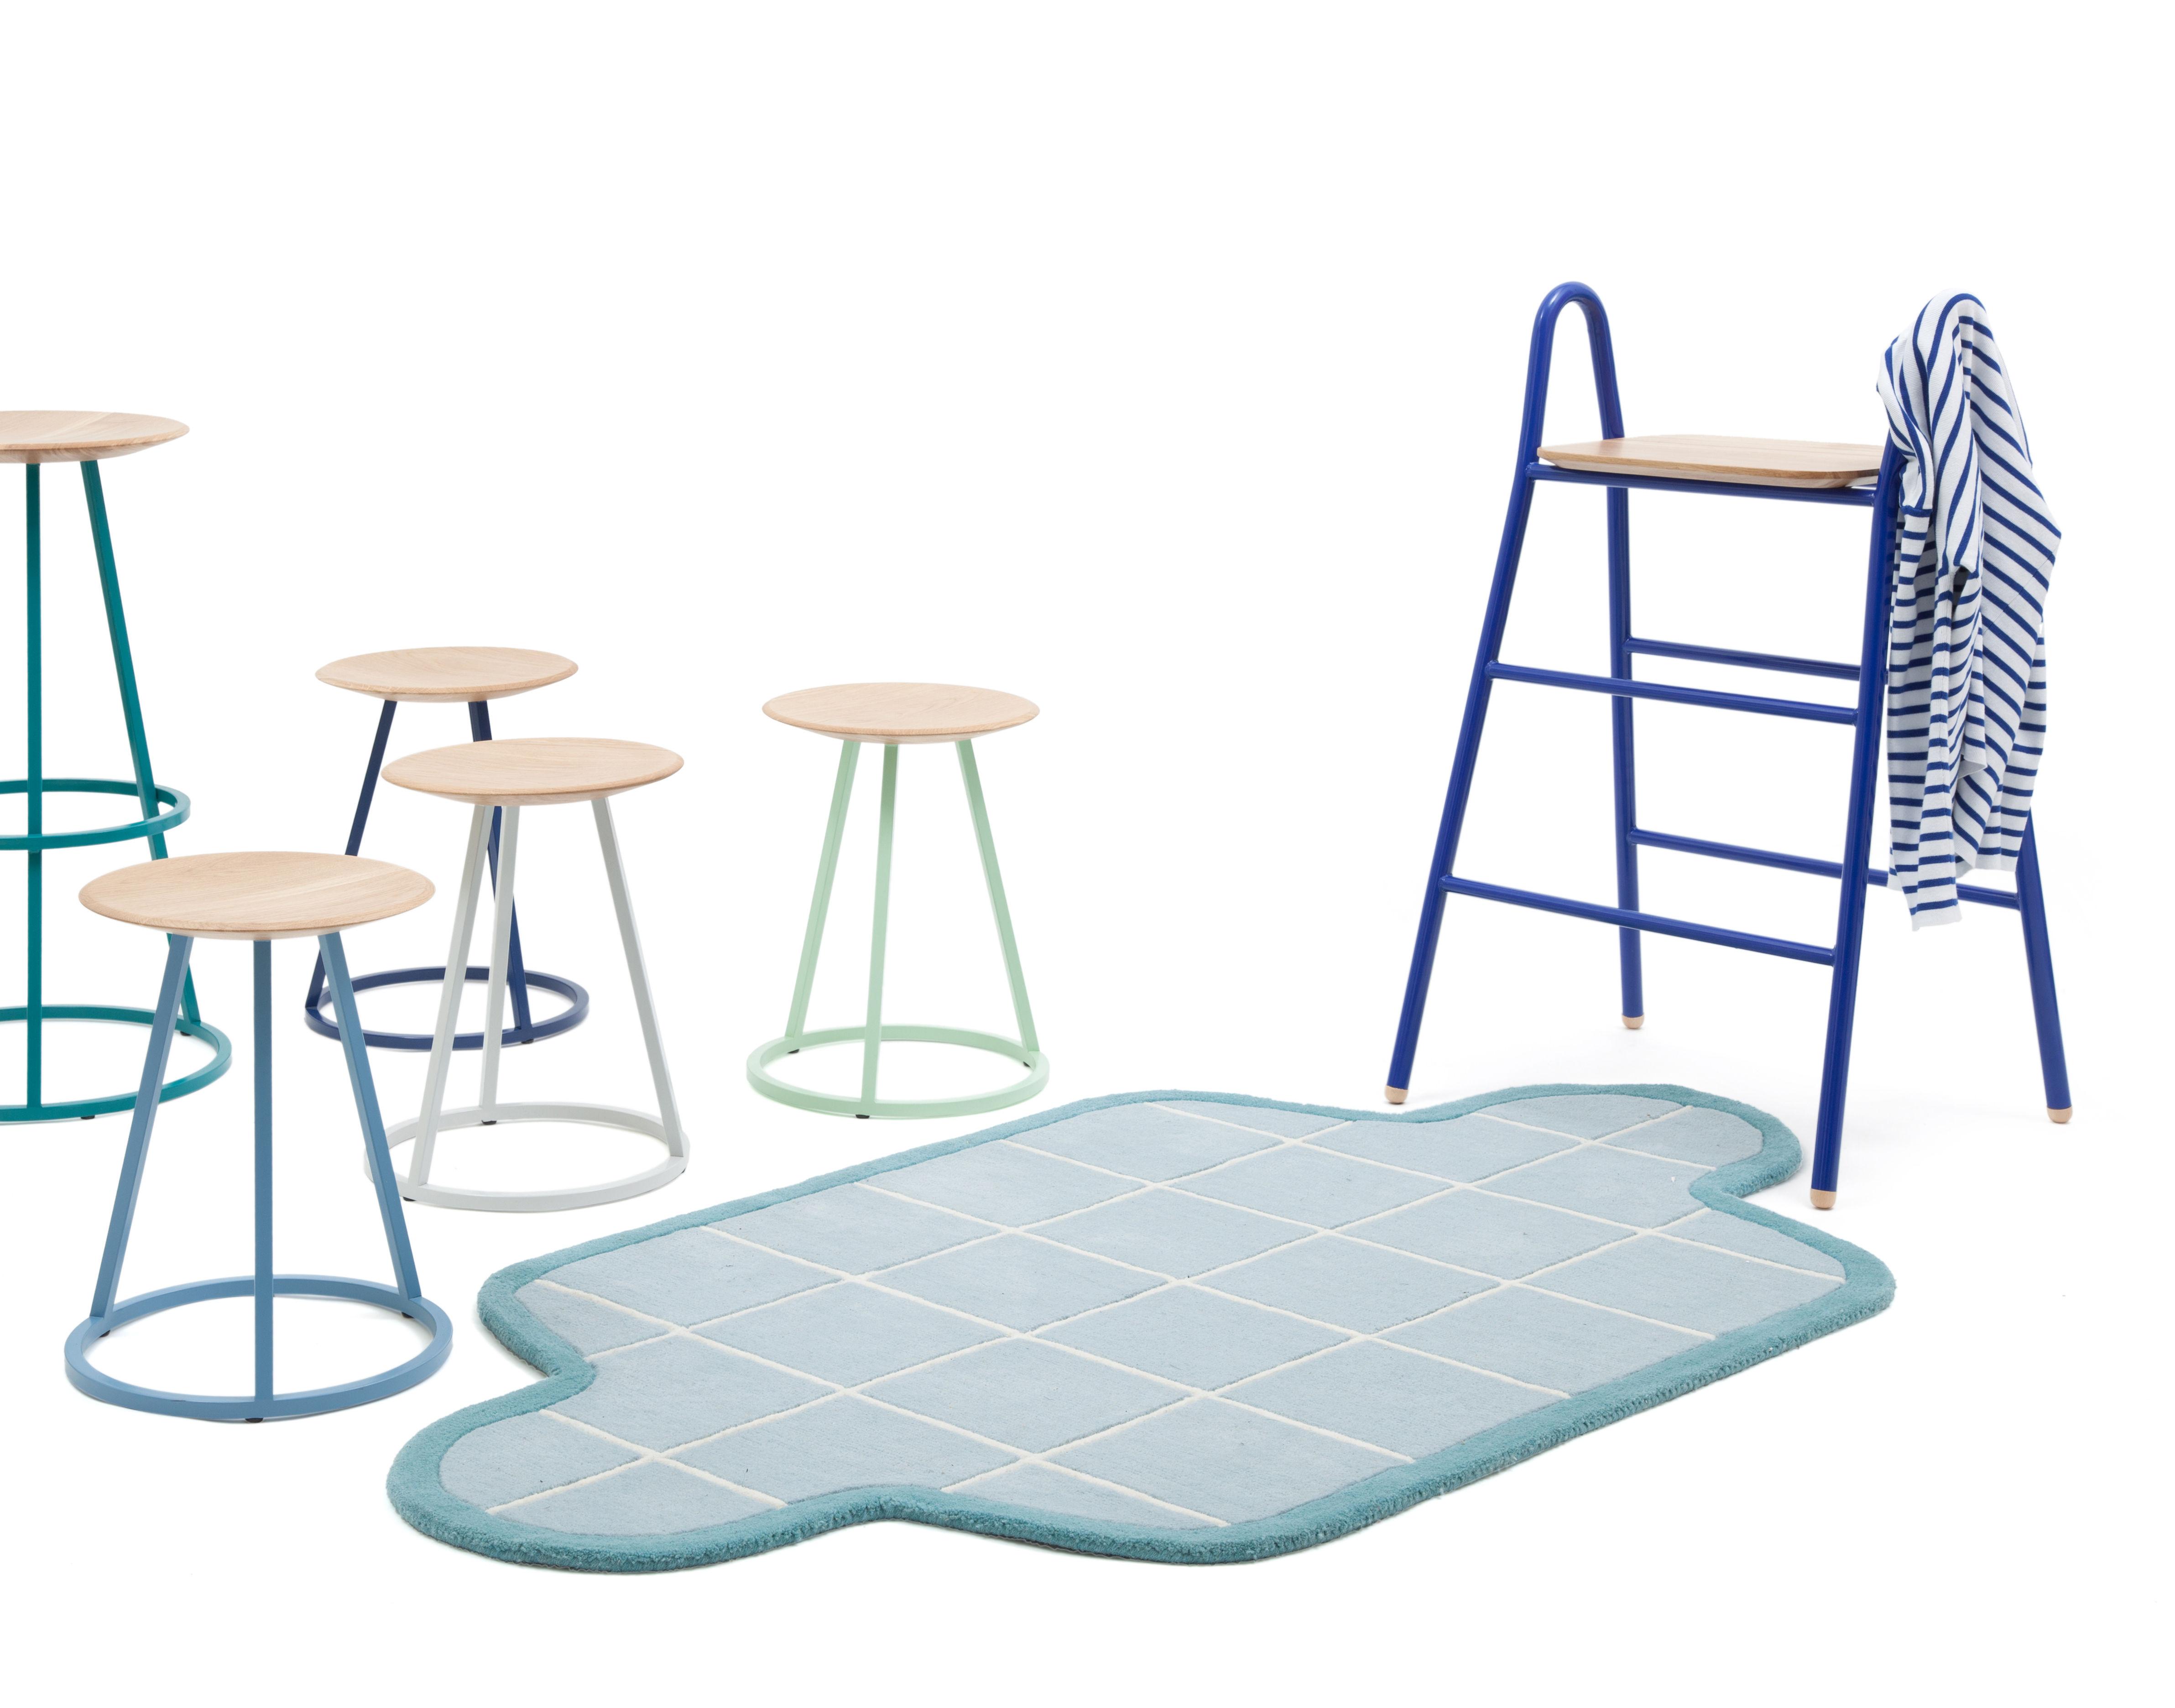 tabouret de bar grand gustave h 77 cm bois m tal gris clair hart made in design. Black Bedroom Furniture Sets. Home Design Ideas